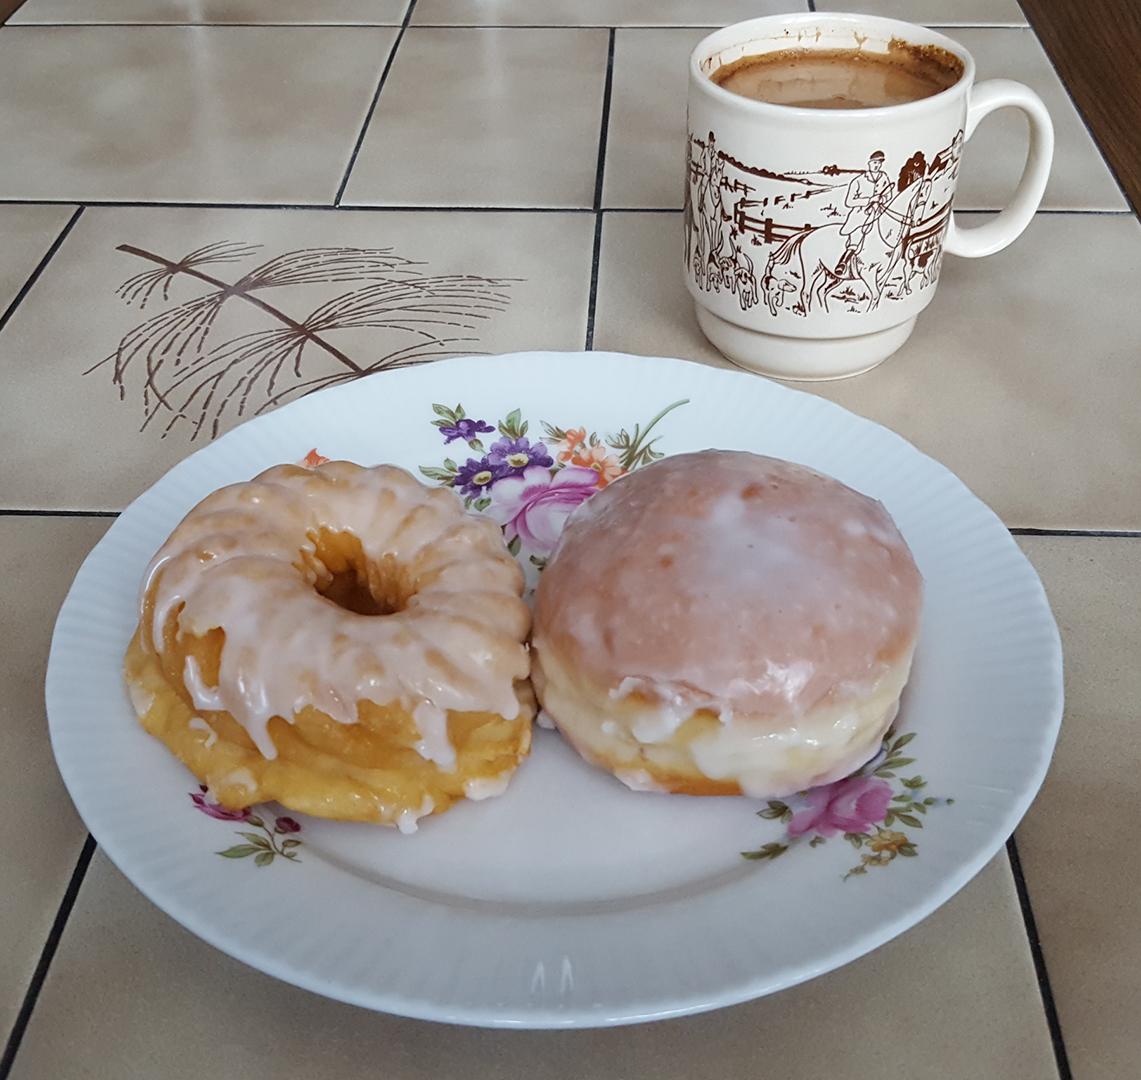 Kaffee und Kuchen am Nachmittag